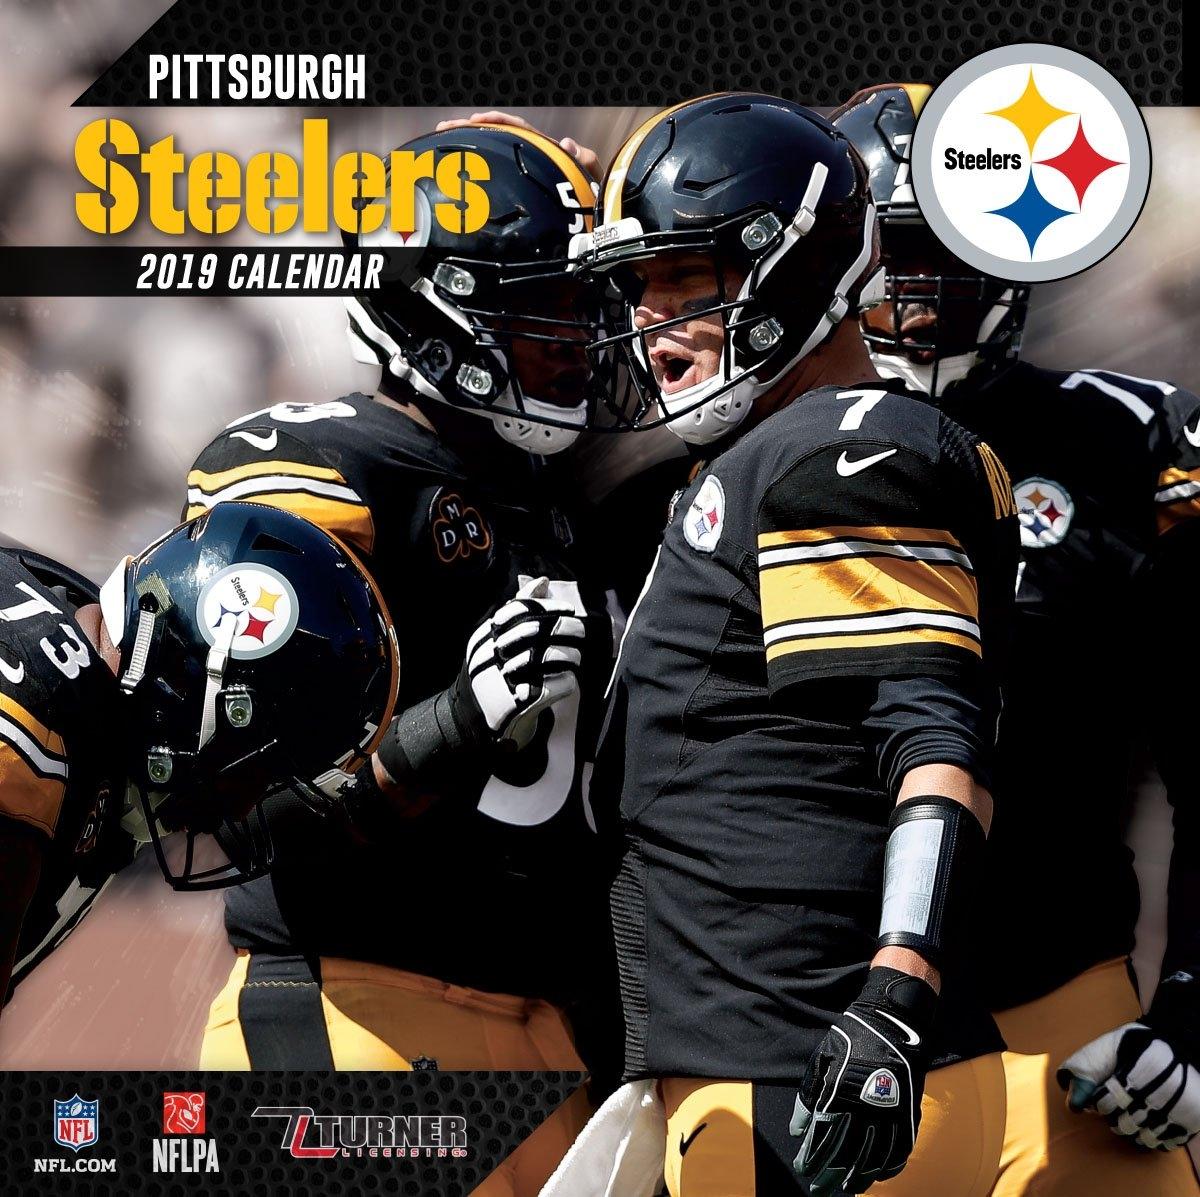 2019 12X12 Team Wall Calendar, Pittsburgh Steelers - Walmart Calendar 2019 At Walmart